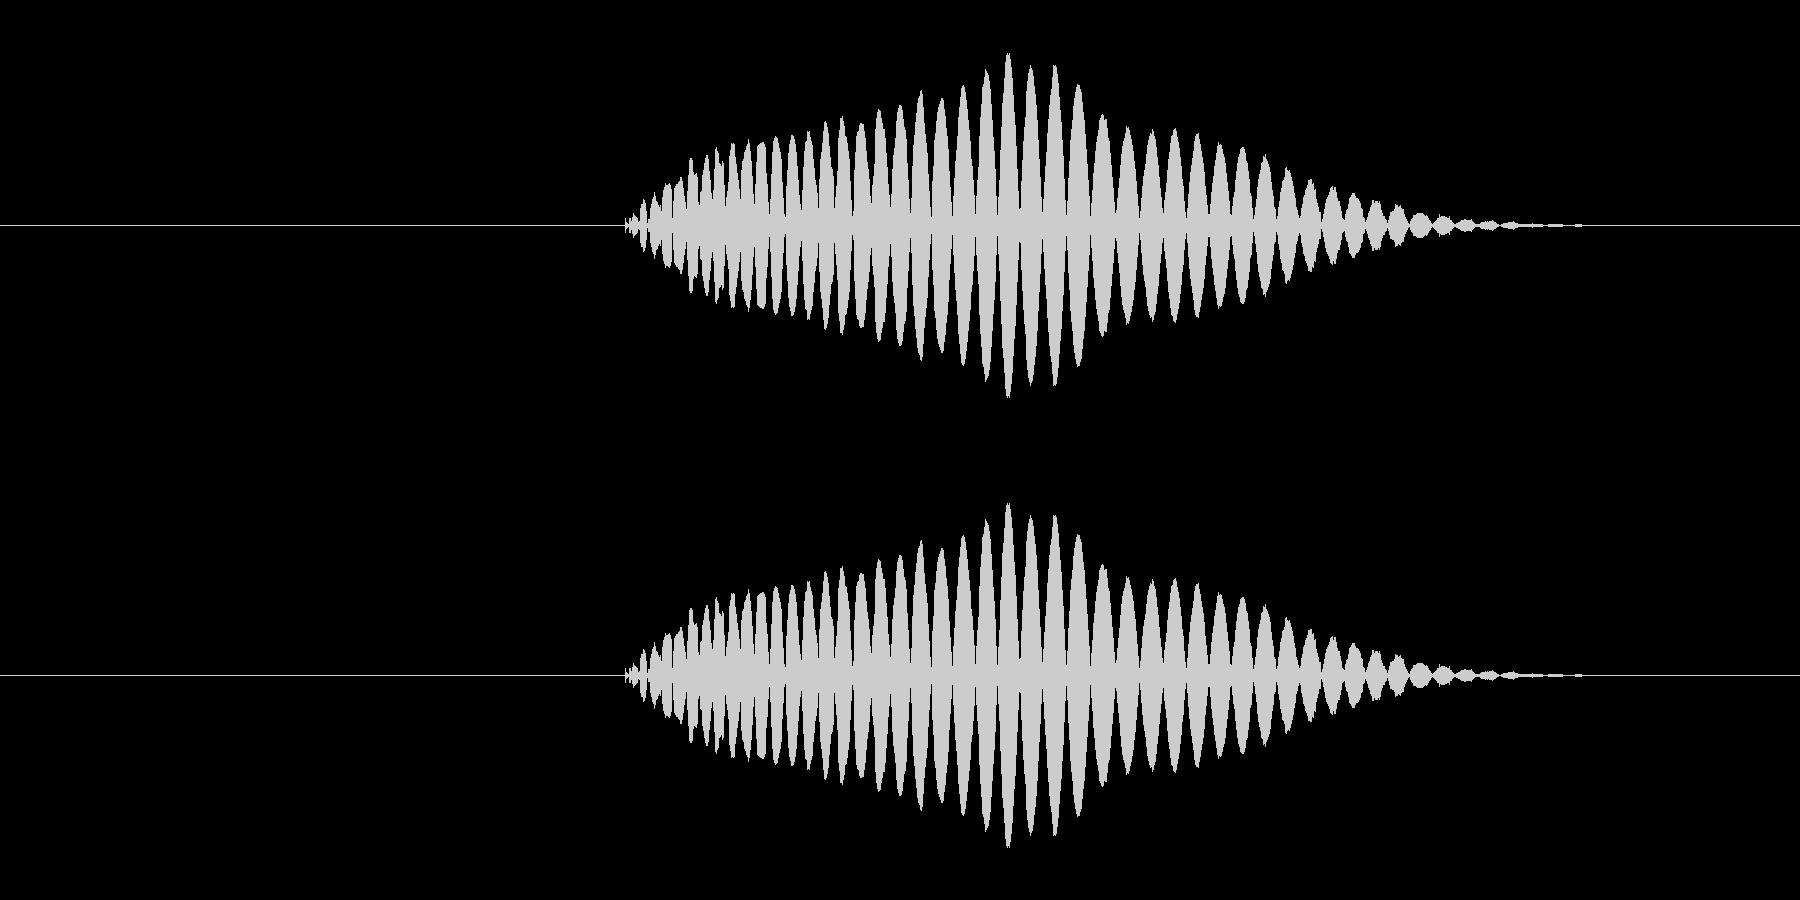 決定・キャンセル音1の未再生の波形